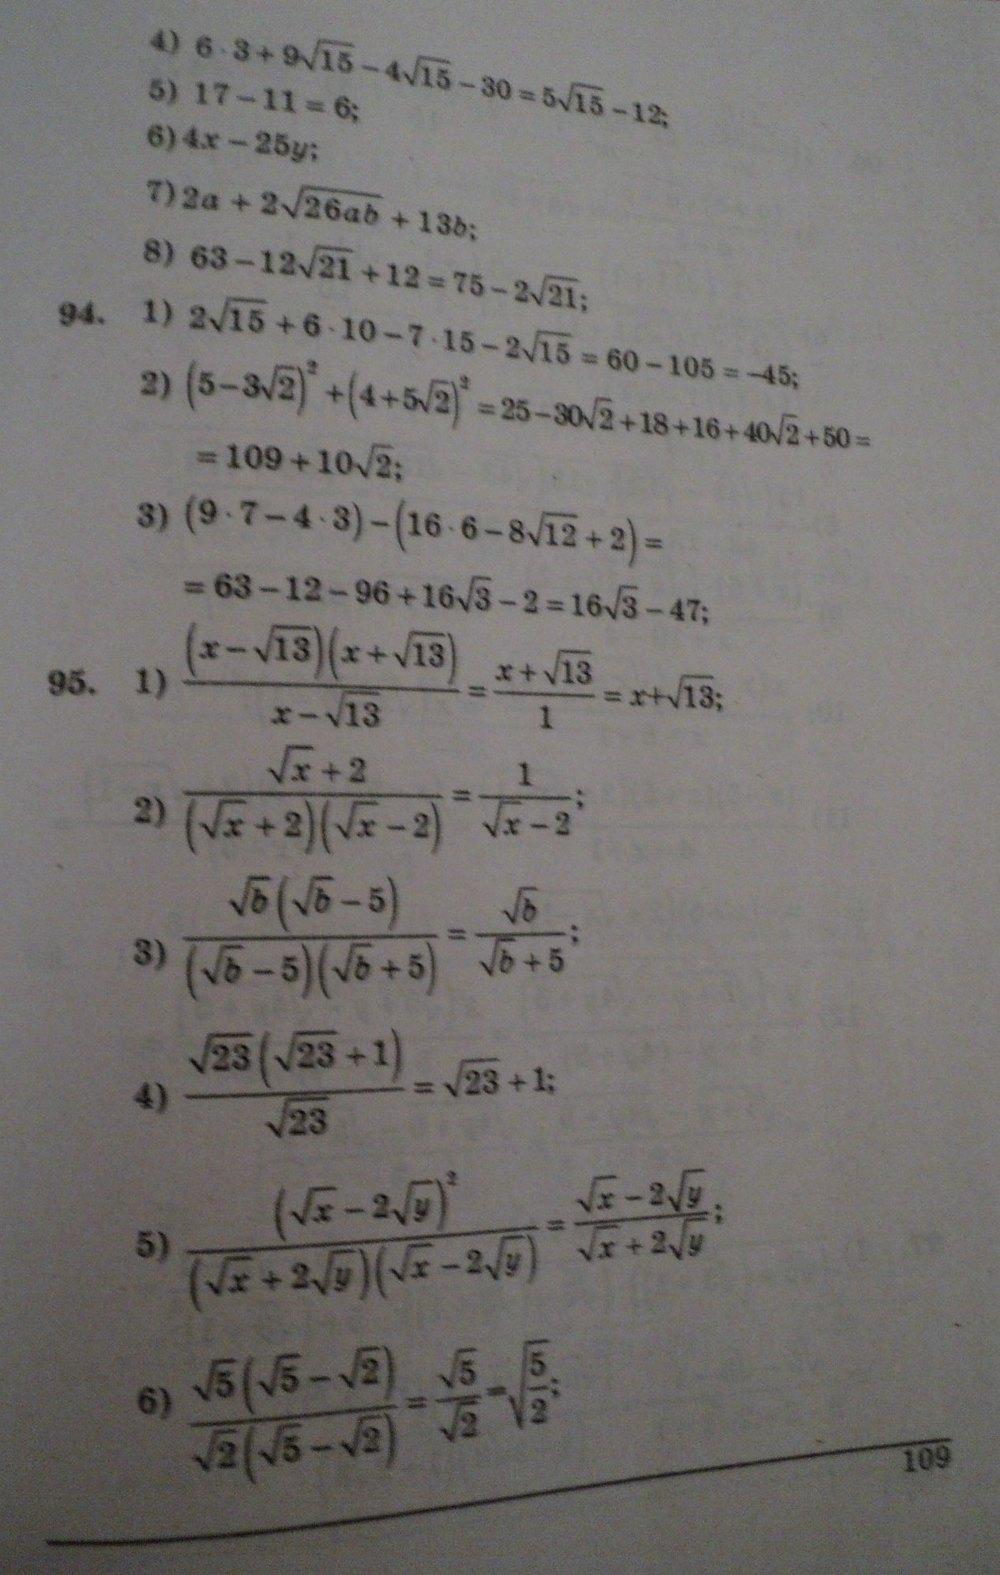 ГДЗ по алгебре 8 класс Щербань П.. Задание: стр. 109